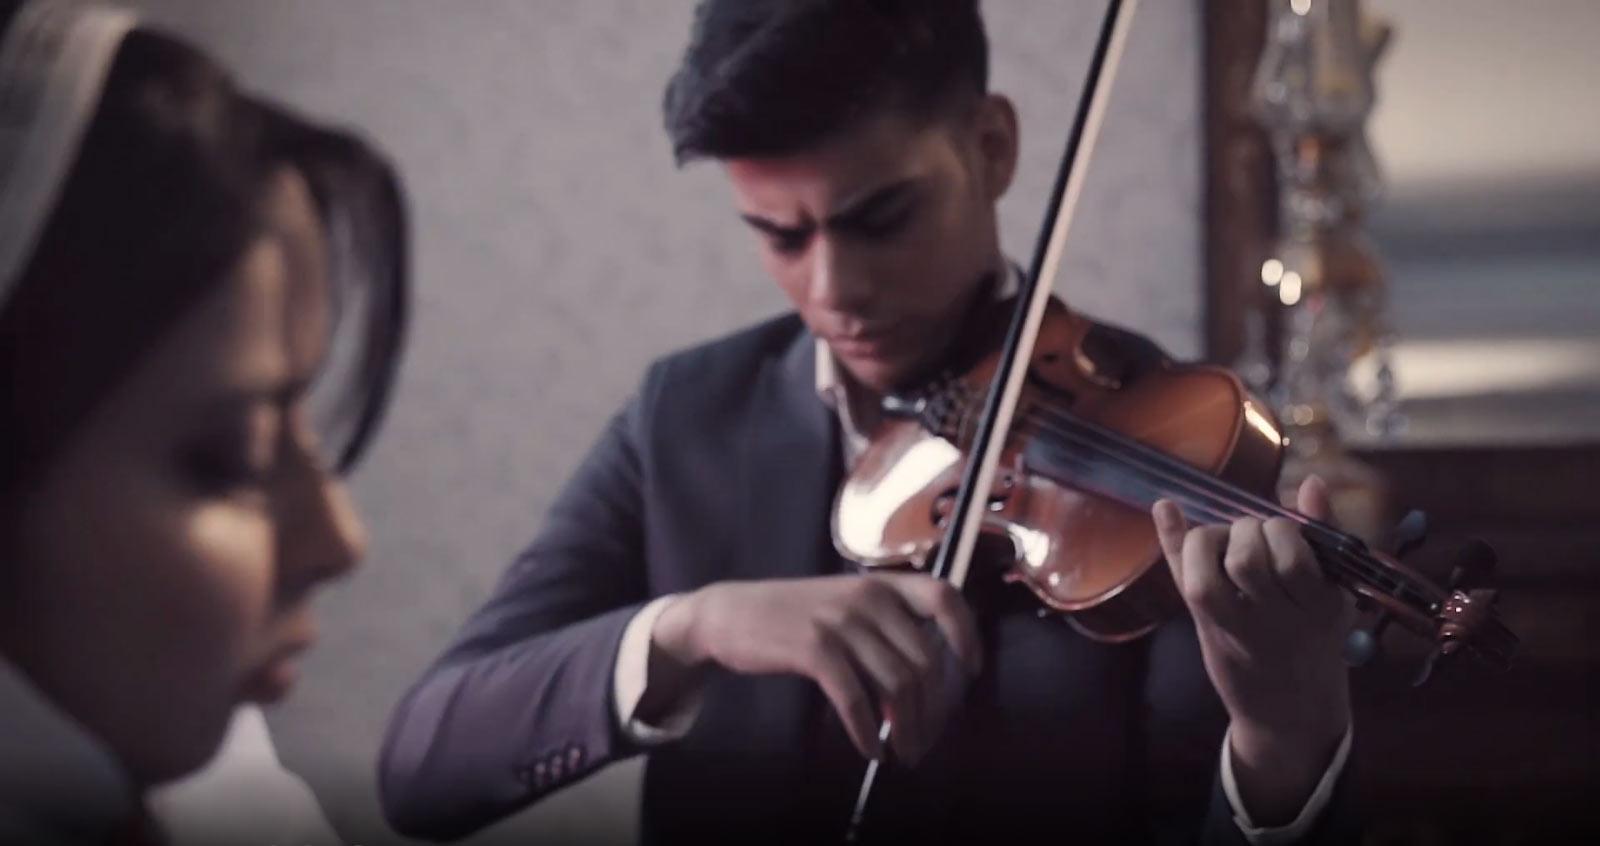 """موزیک ویدئوی بسیار زیبای """"برگ پاییزی"""" منتشر شد. اشکان کاکاوند و پریسا سلیمانی"""